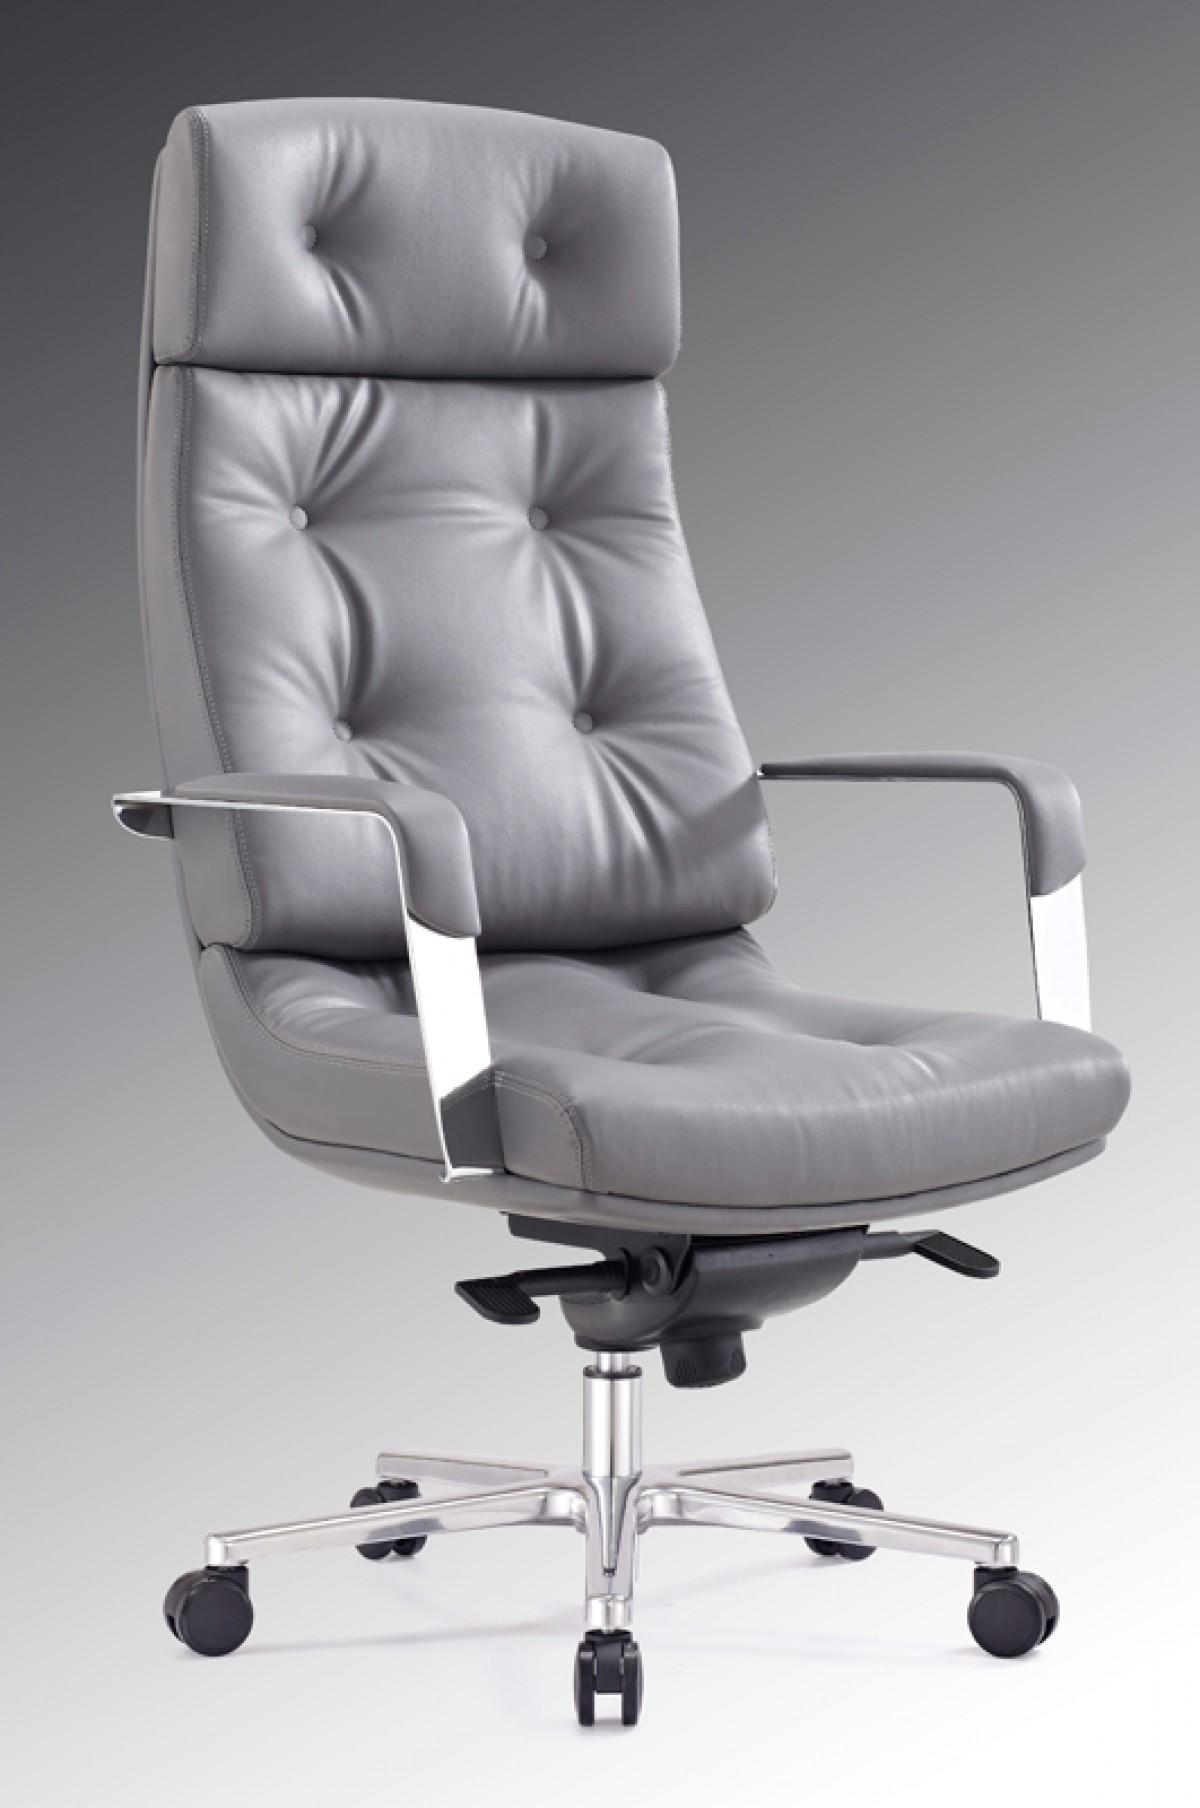 ghế văn phòng hiện đại 8